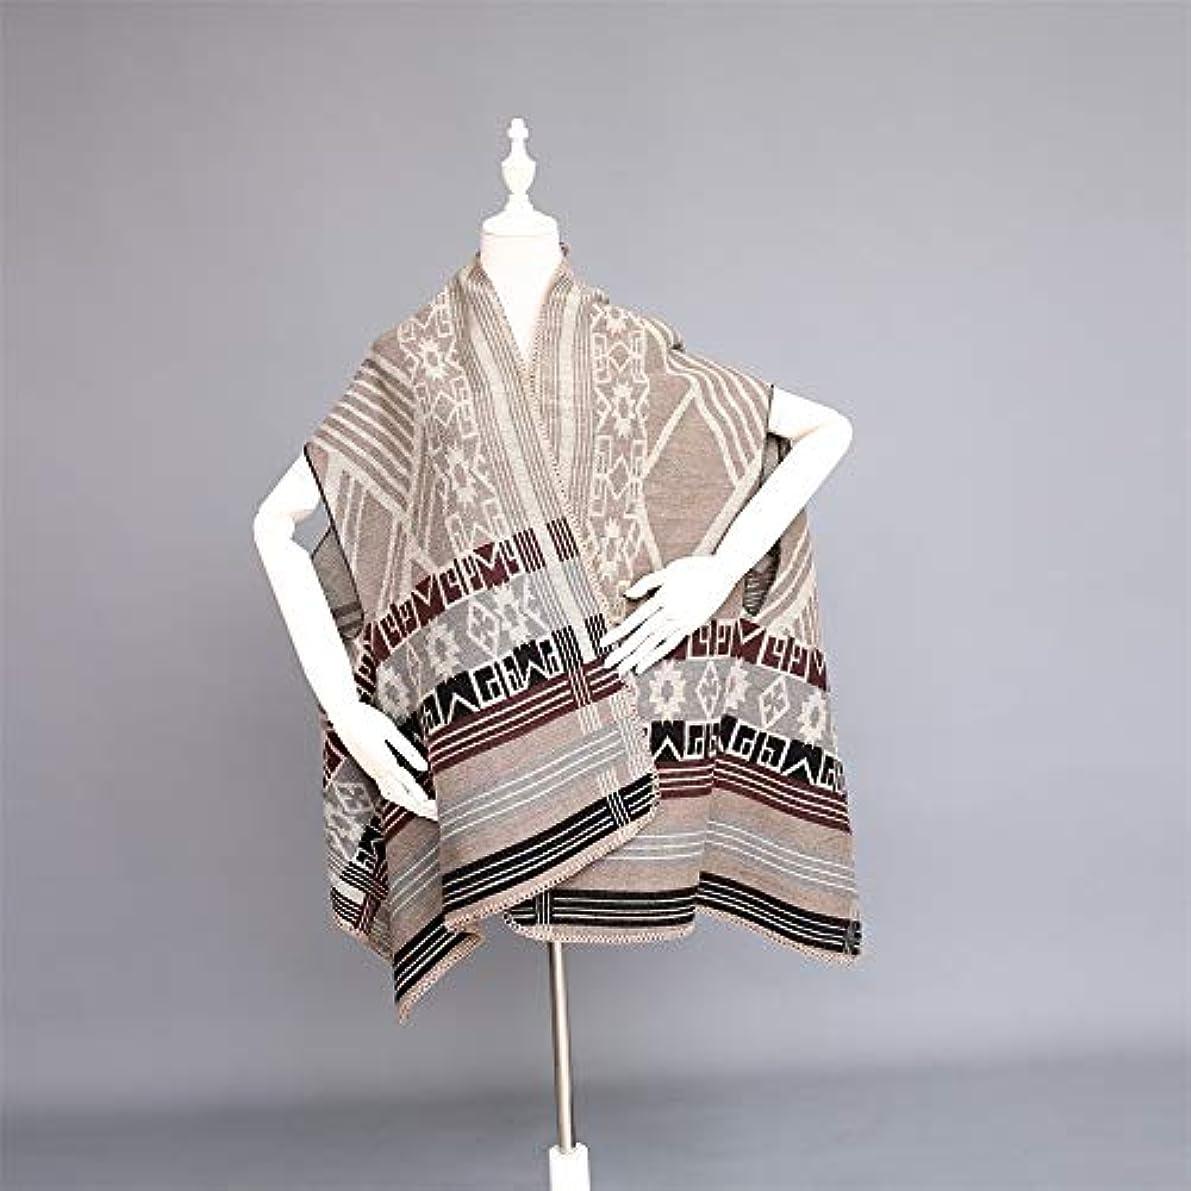 コジオスコ軍アンデス山脈秋と冬暖かいノースリーブスリットショールファッションストライプと女性のための幾何学模様のスカーフ (色 : グレー)